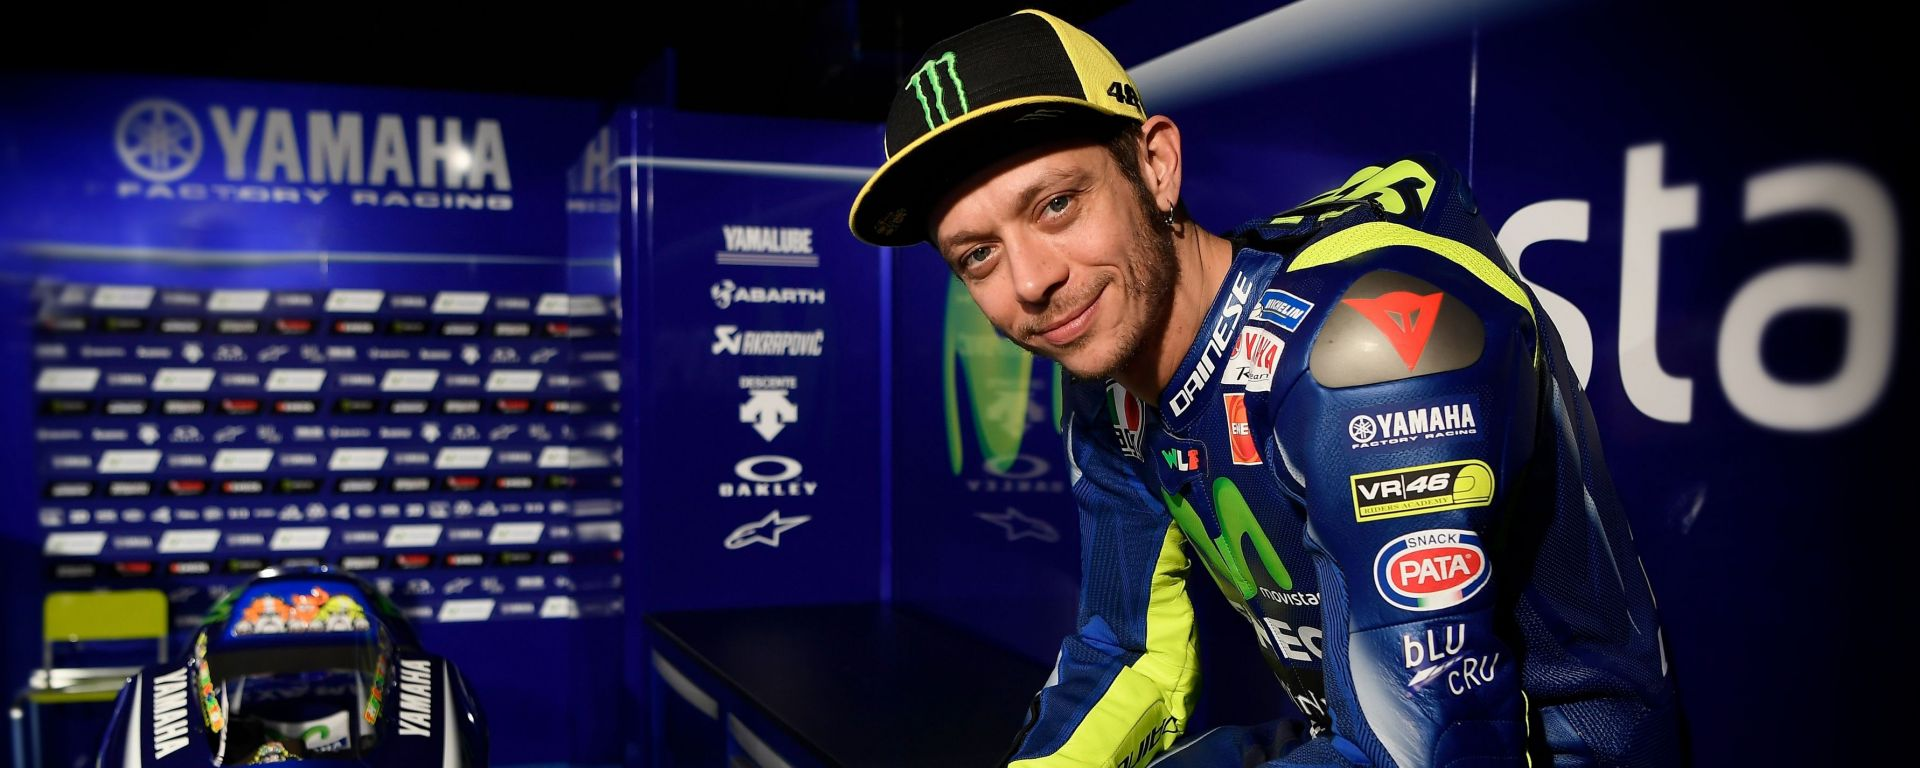 MotoGP Argentina 2017 Valentino Rossi